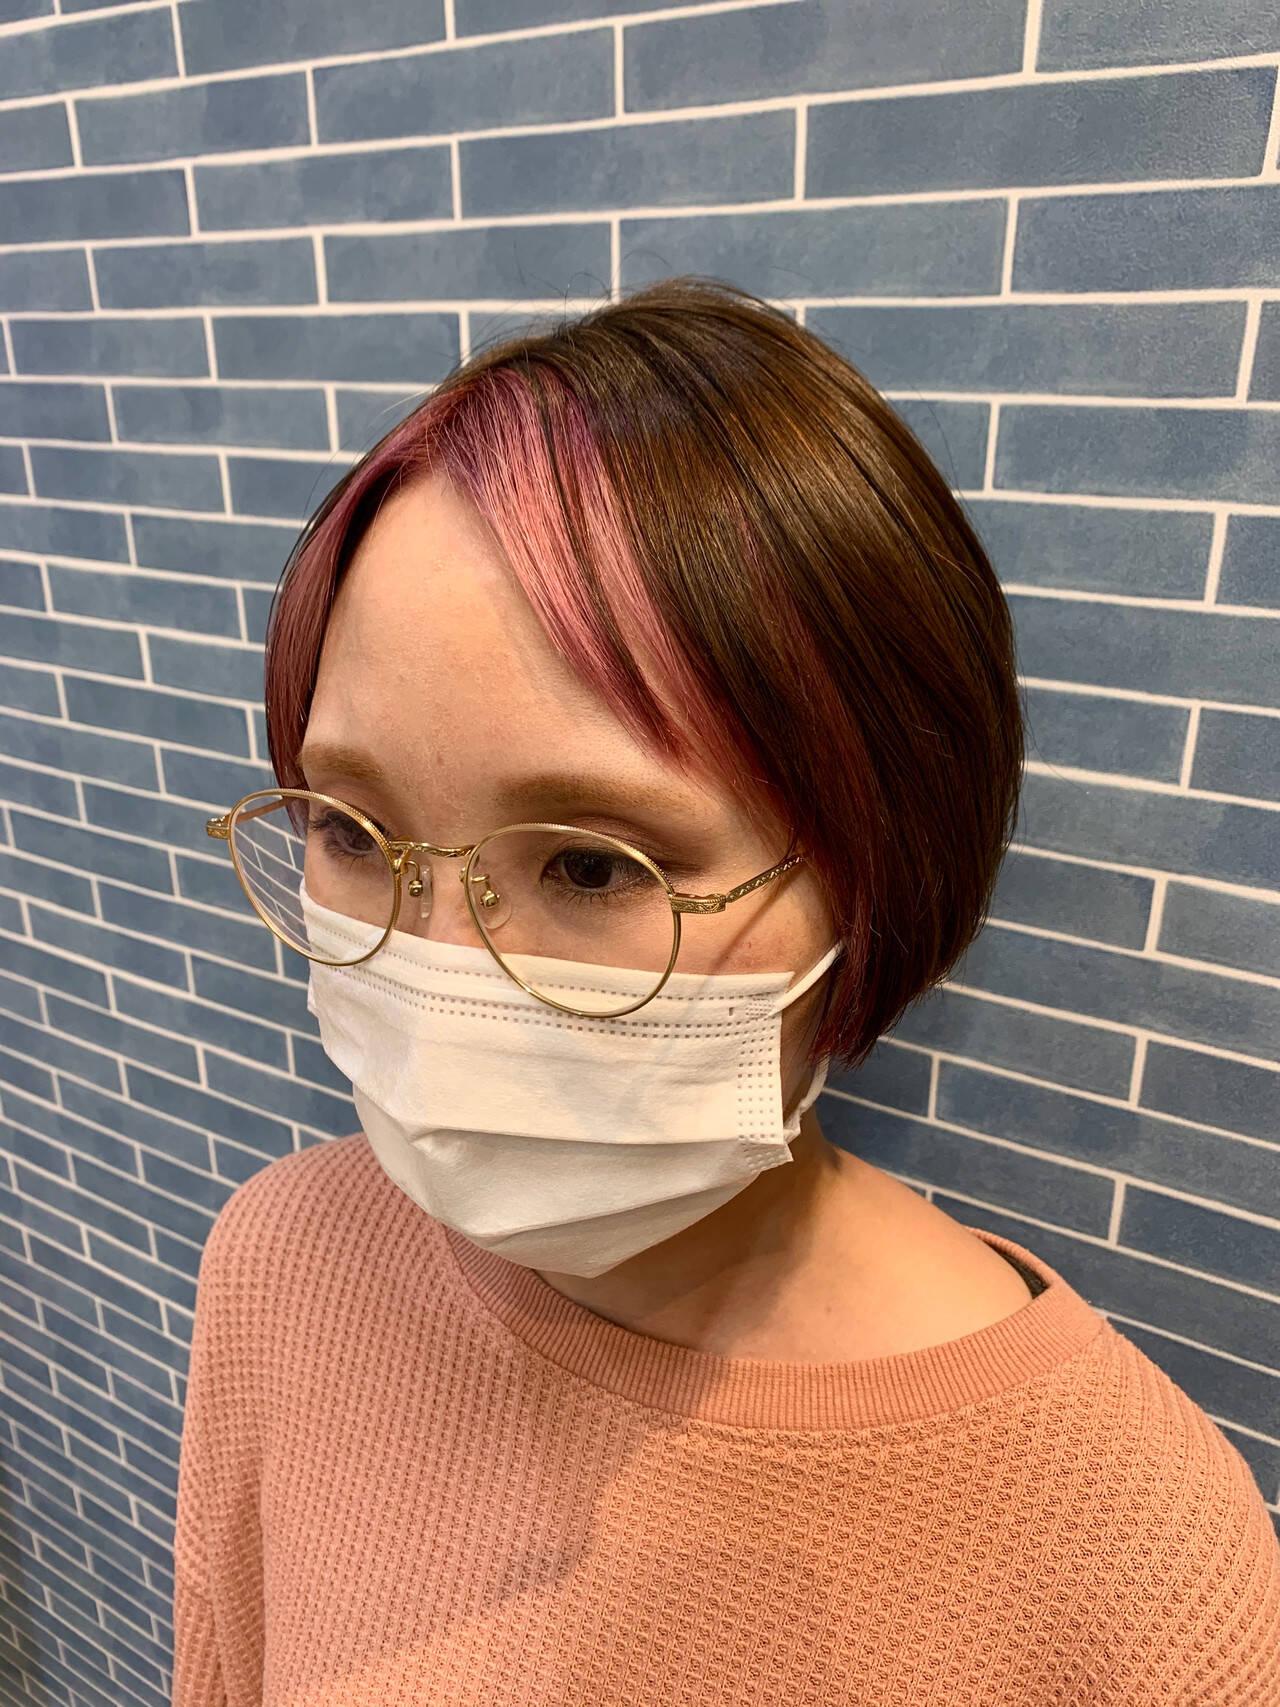 ショートボブ ショート センター分け デザインカラーヘアスタイルや髪型の写真・画像